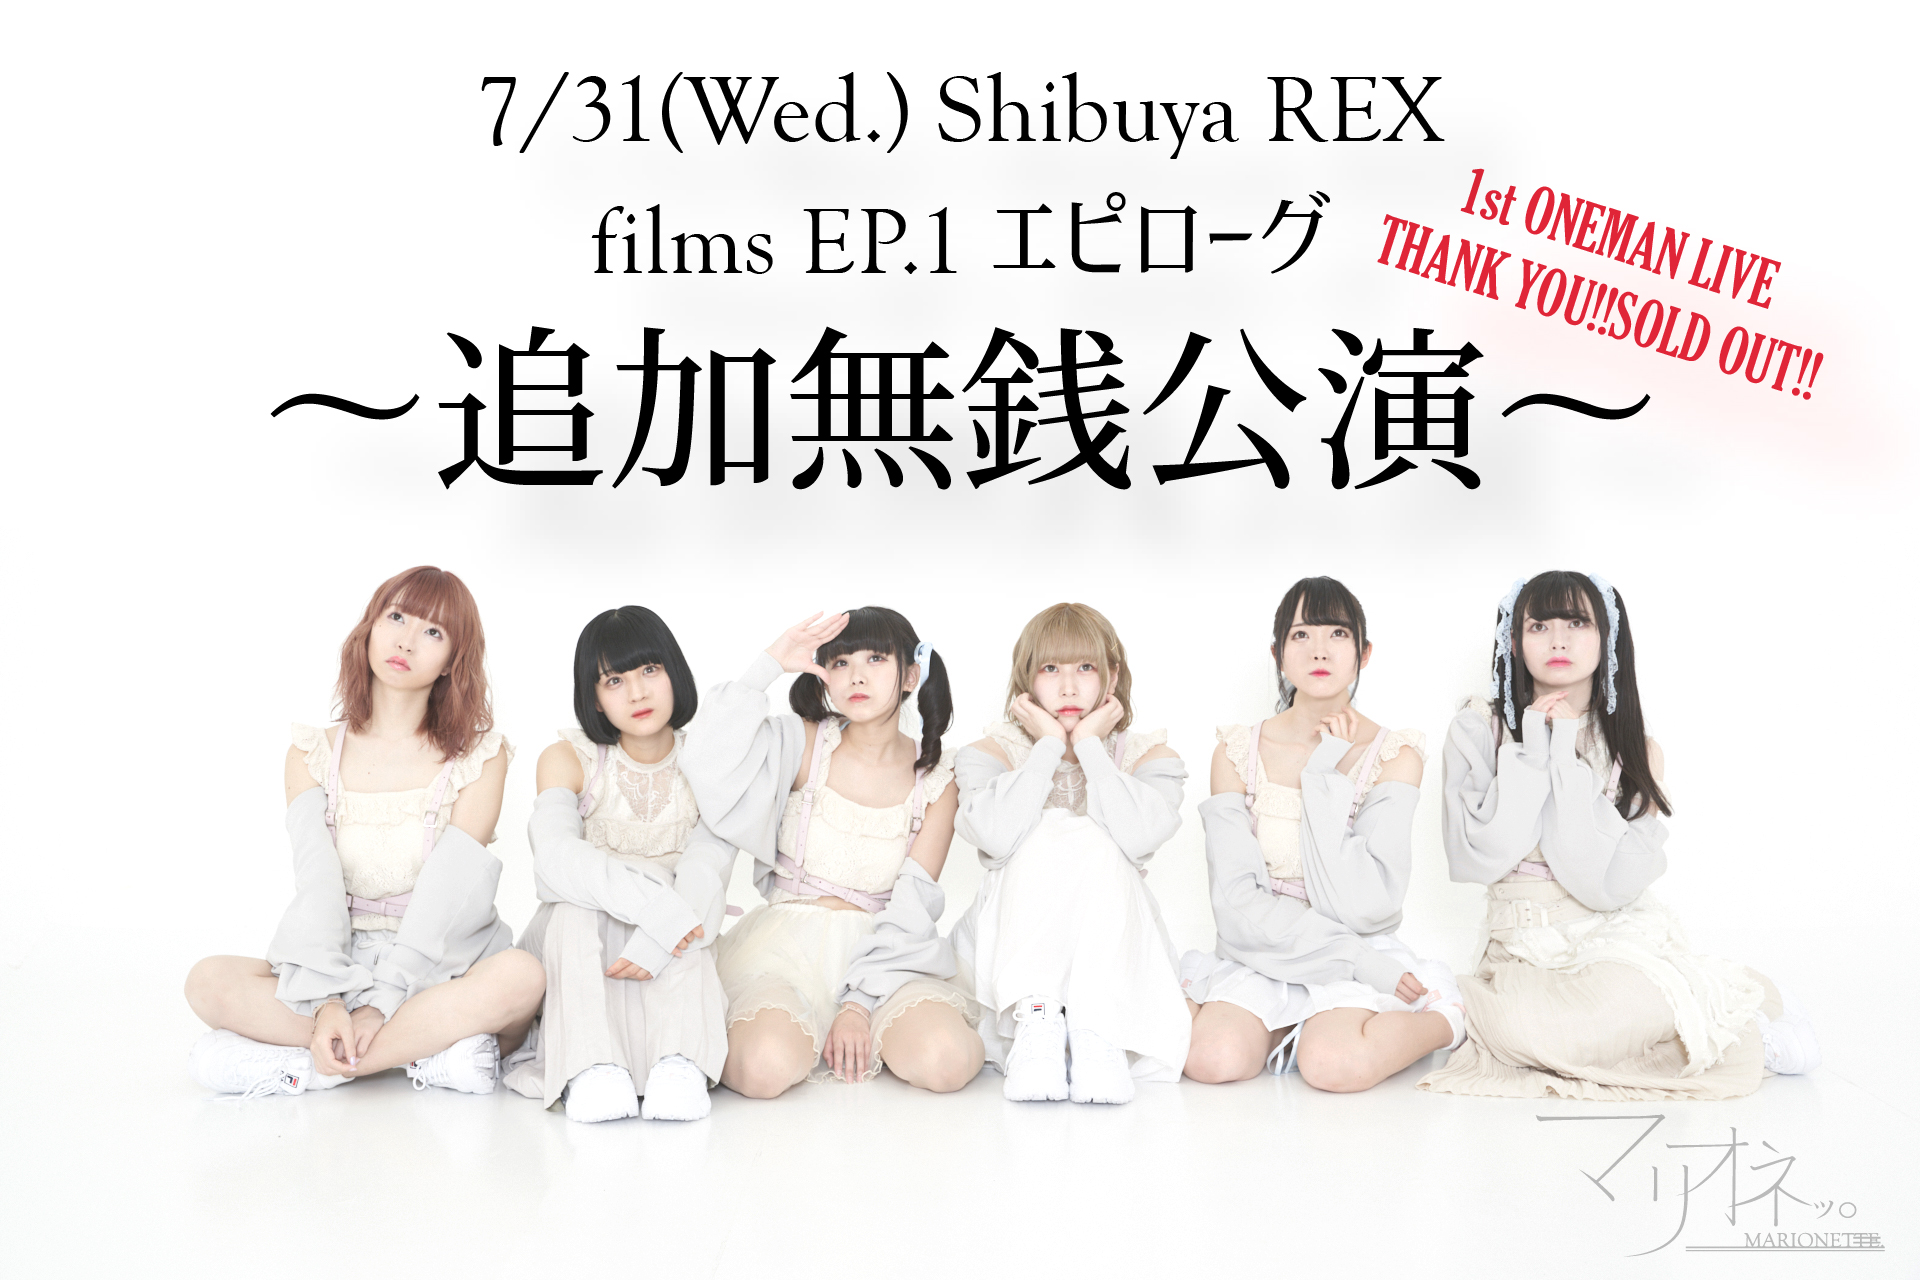 マリオネッ。ワンマンライブ『films EP.1 エピローグ〜追加無銭公演〜』